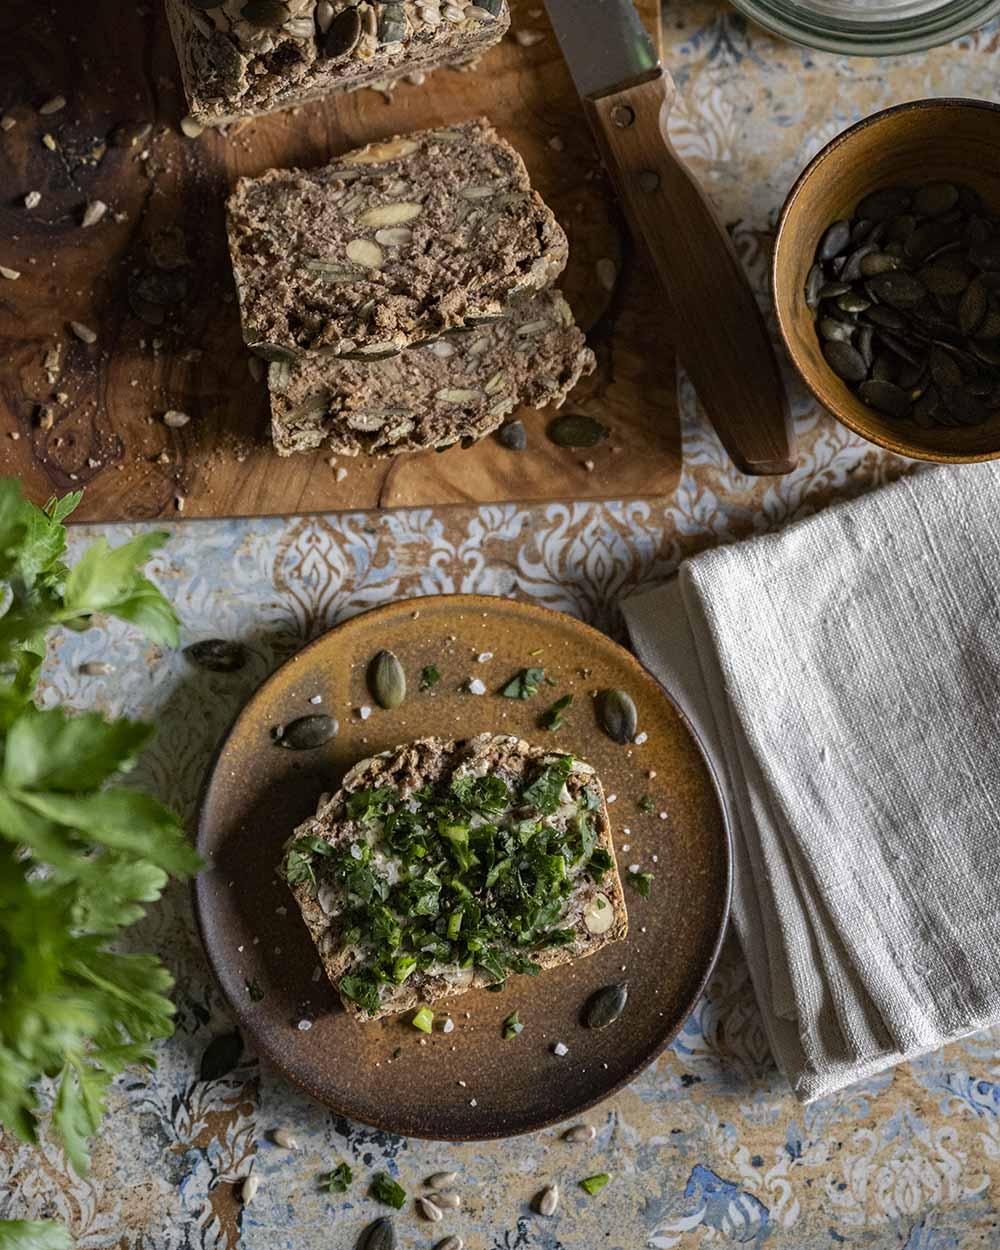 Unser Buchweizenbrot ist vegan und glutenfrei. Hier haben wir den Tisch noch einmal von oben fotografiert. Es zeigt ine Scheibe auf dem Teller, das Brett, uf dem das anze Brt liegt, daneben steht eine Schale mit Kürbiskernen, die auch im Brotteig enthalten sind.